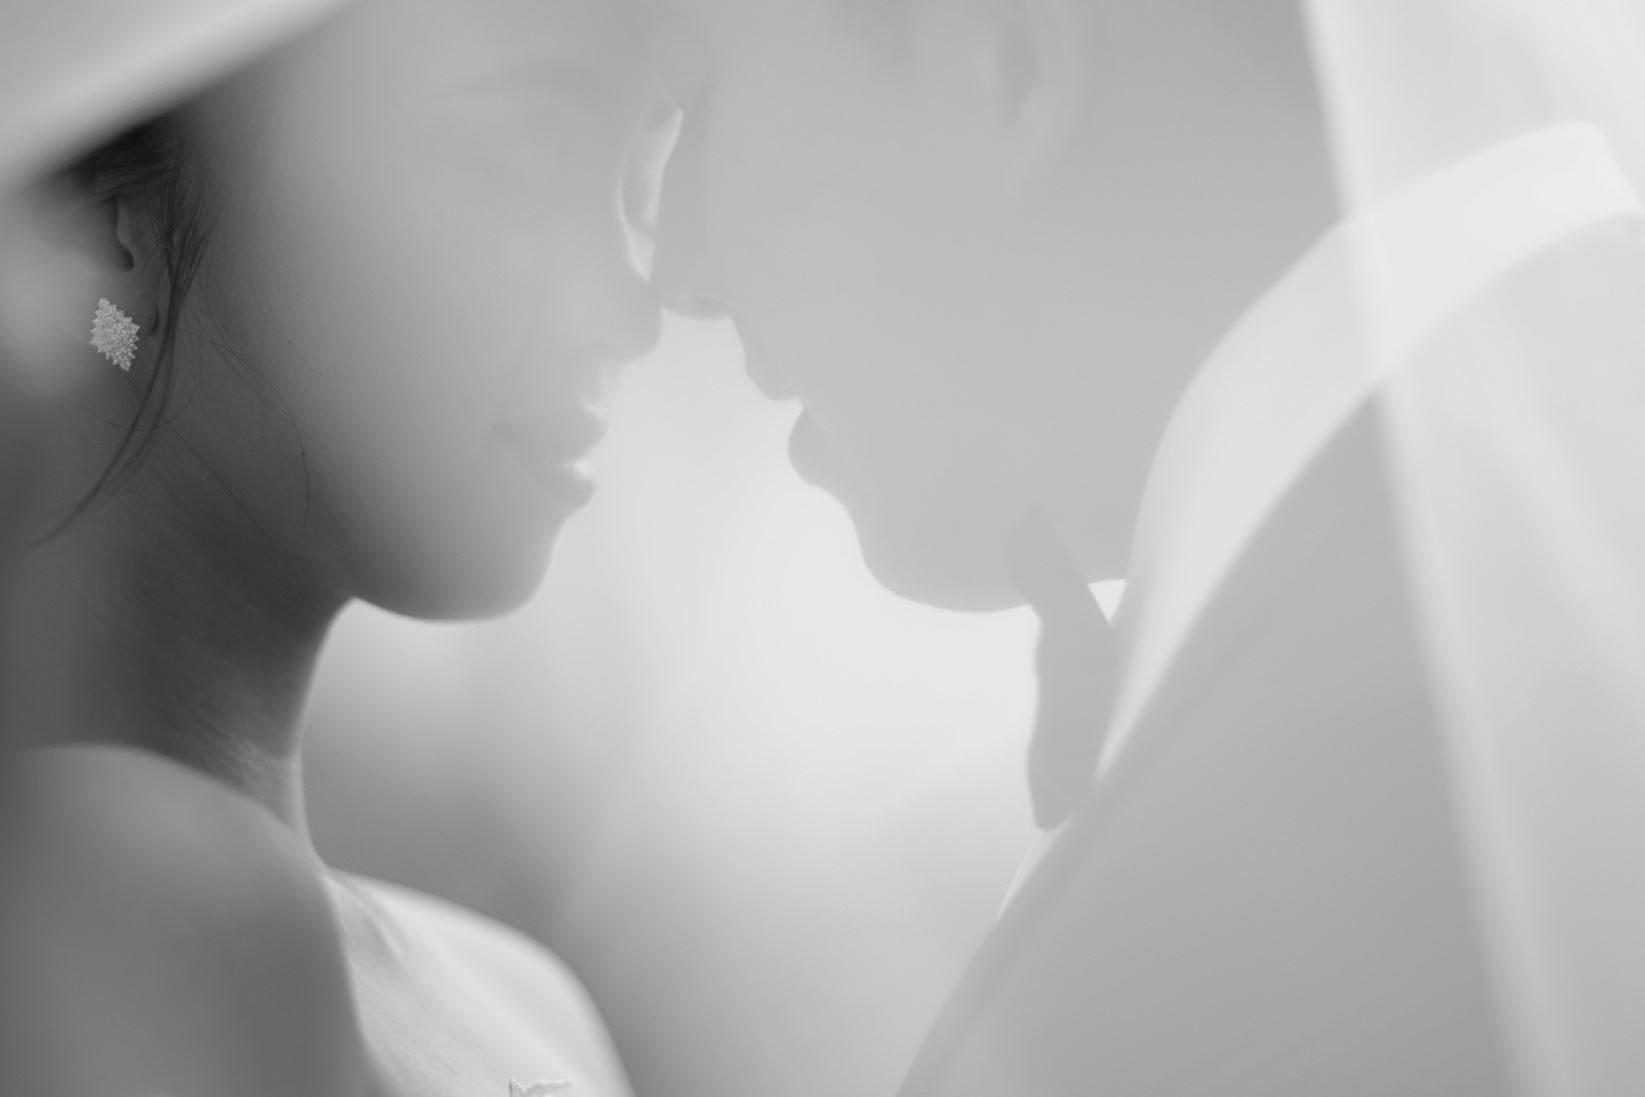 Kostenlose Bild: romantisch, Hochzeit, Ehe, Zusammengehörigkeit ...